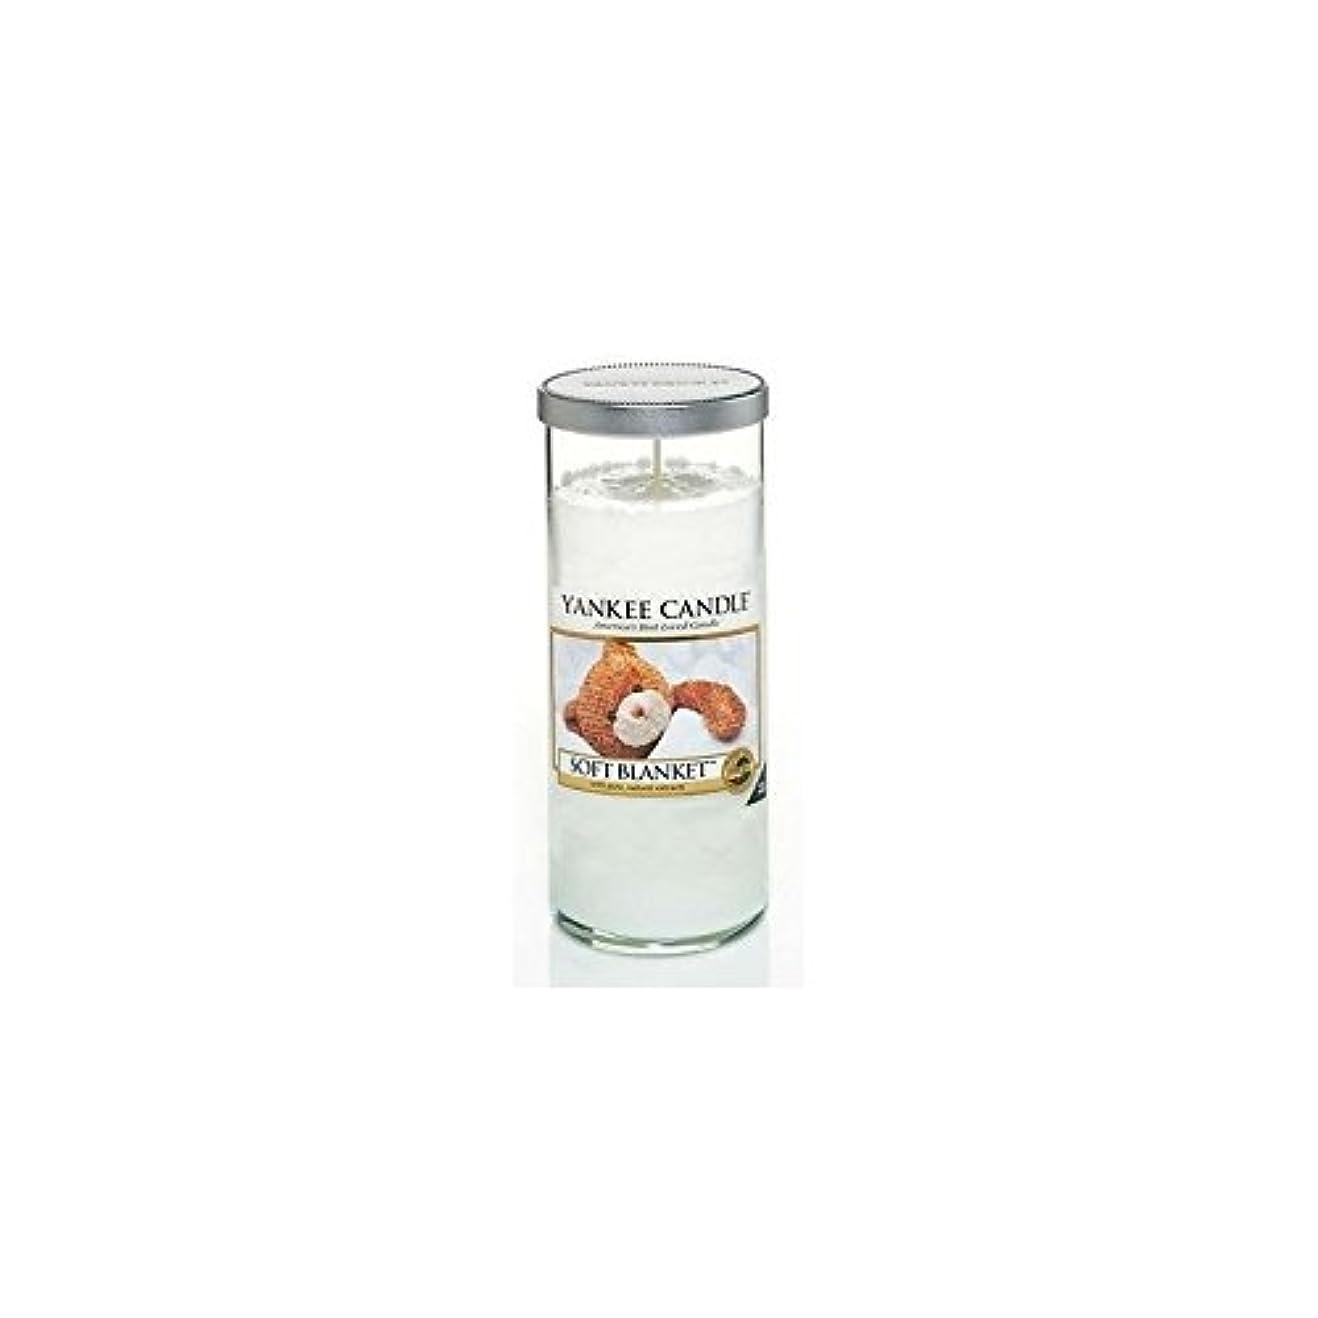 ブランチ人気の麻痺Yankee Candles Large Pillar Candle - Soft Blanket (Pack of 6) - ヤンキーキャンドル大きな柱キャンドル - ソフト毛布 (x6) [並行輸入品]